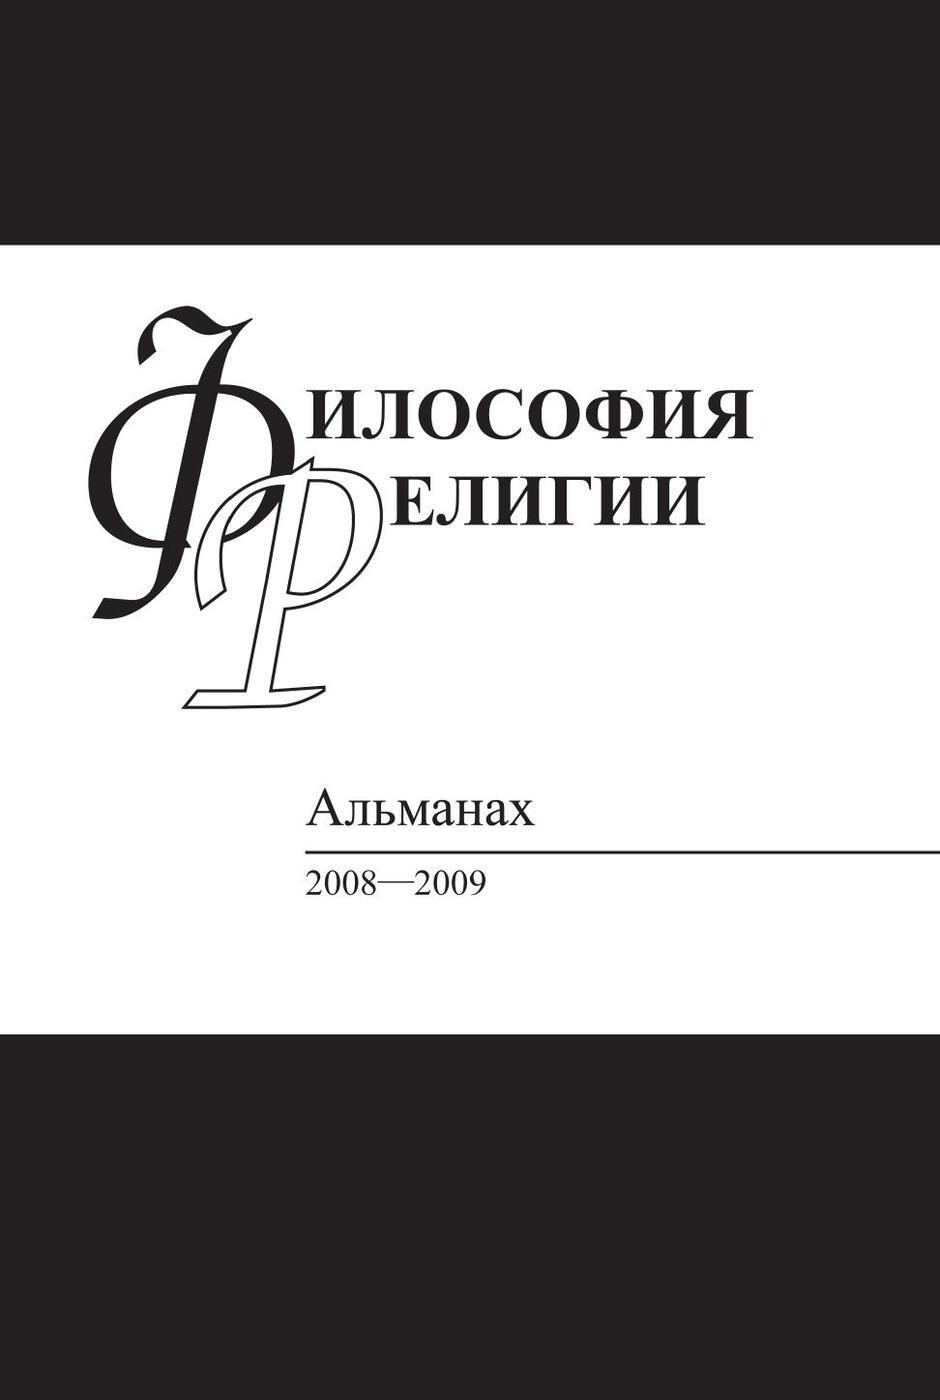 Философия Религии: Альманах, 2008-2009